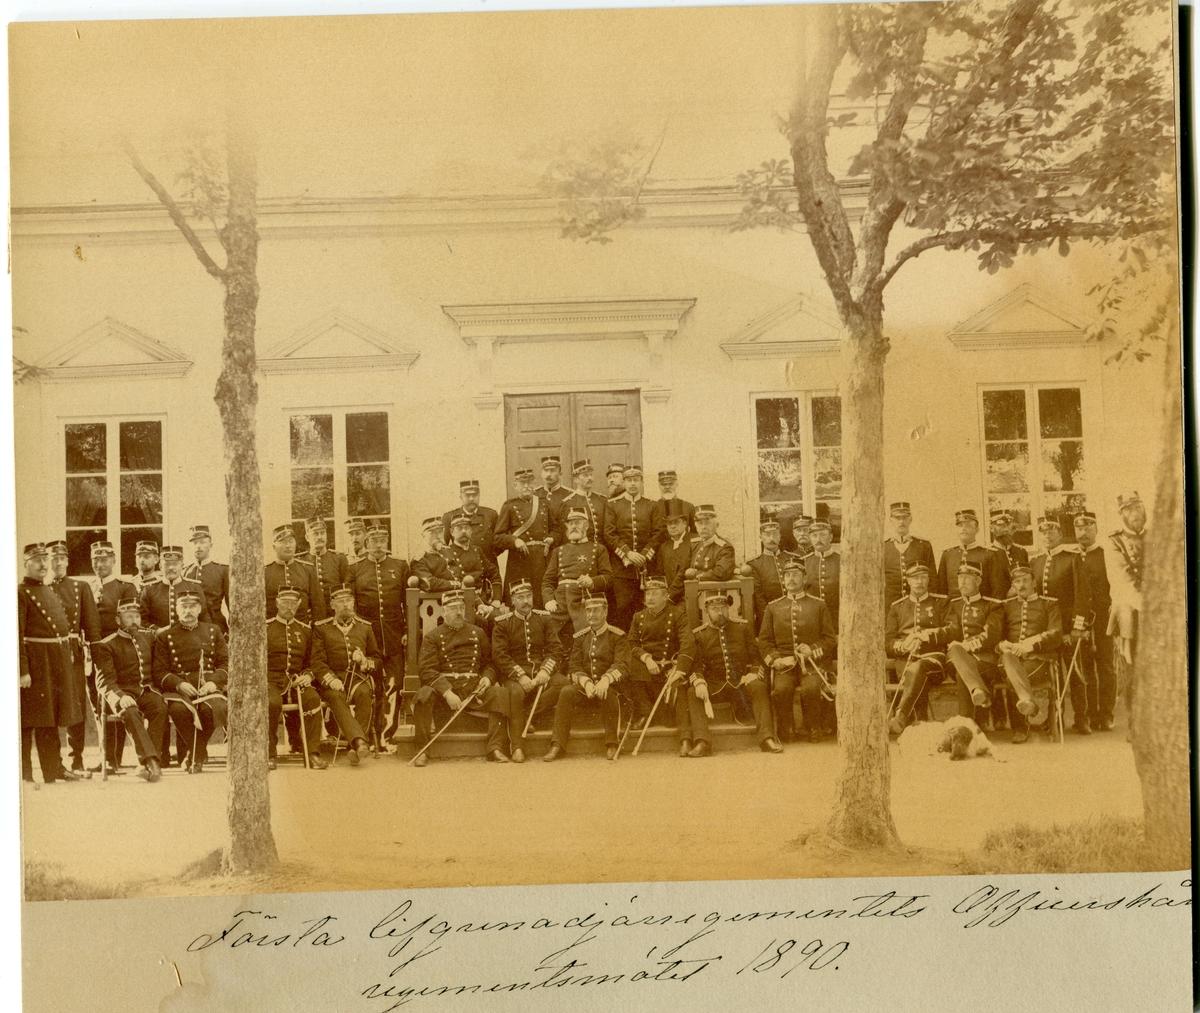 Första livgrenadjärregementets officerskår. Regementsmötet 1890.